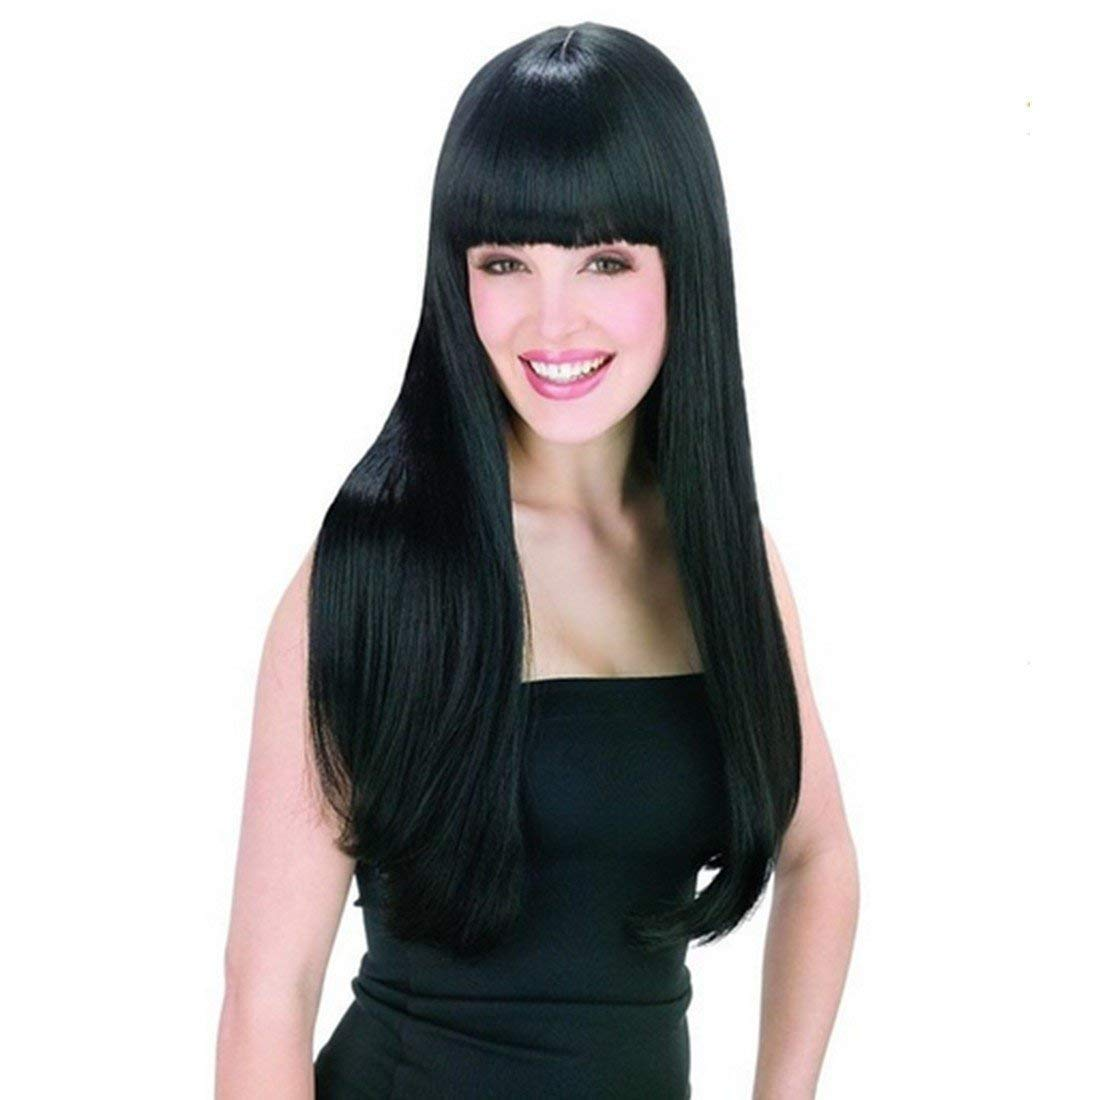 WADEO Perruque Femme Naturelle Brésilien 360 Perruque Bresilienne 360 Lisse Cheveux Naturel Brésilienne Perruque Longue 60cm BT0007-MDUK